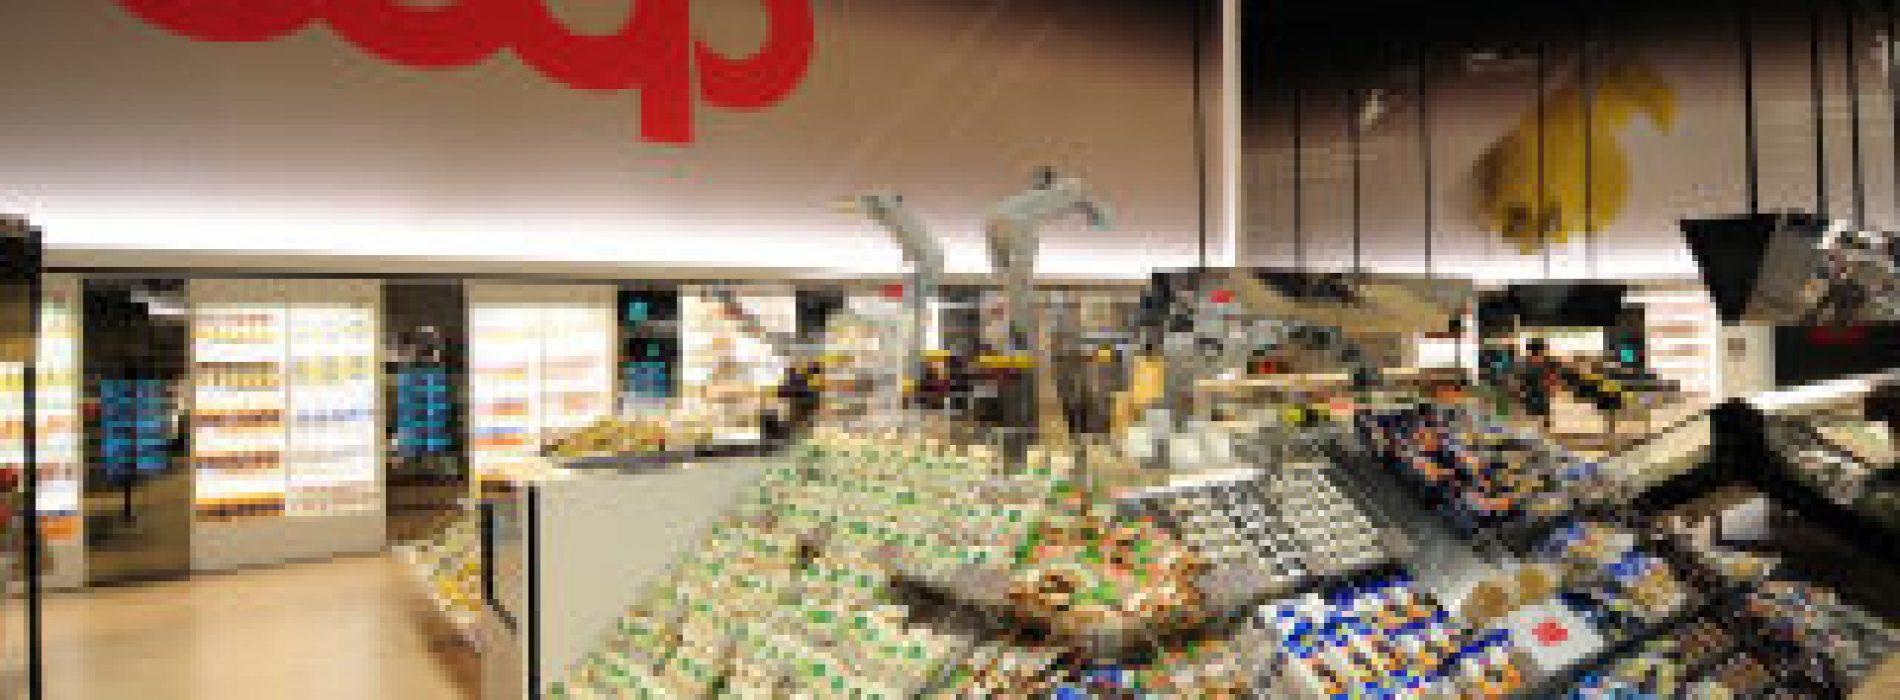 Rede italiana Coop reduz uso de plástico